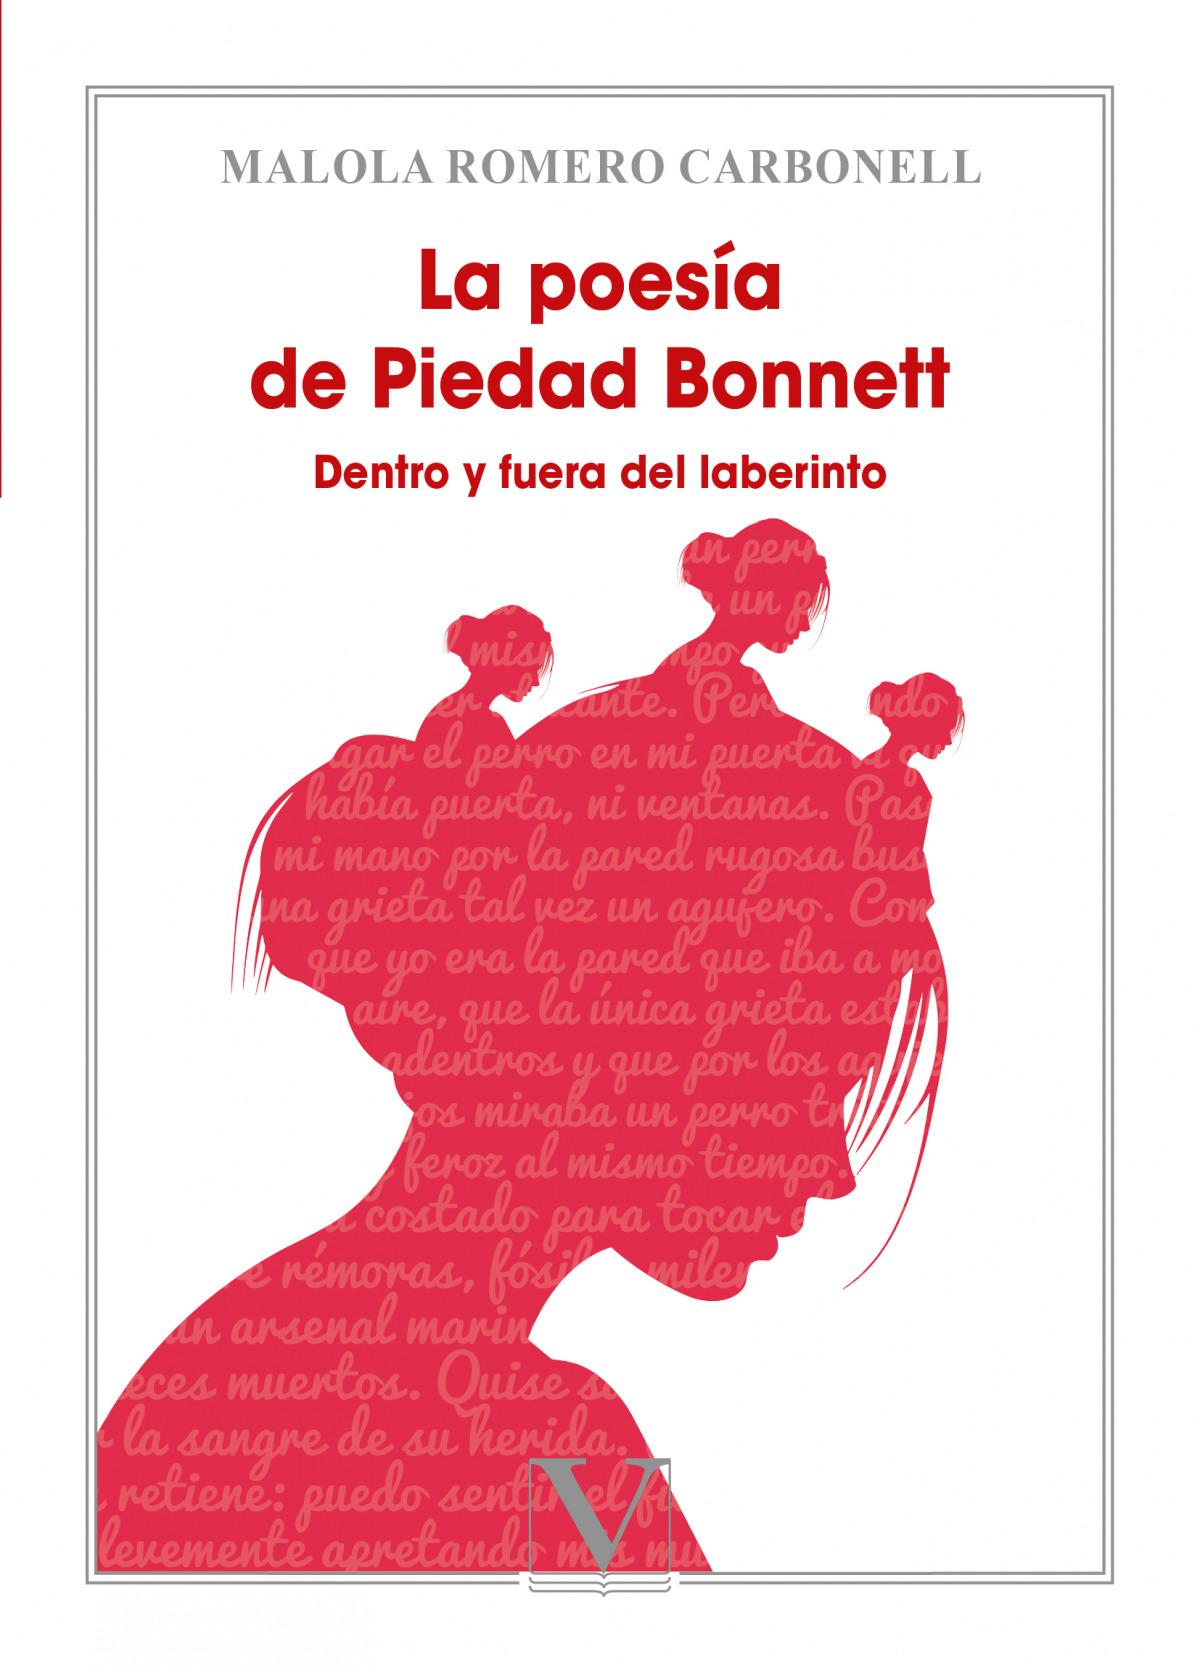 La poesía de Piedad Bonnett